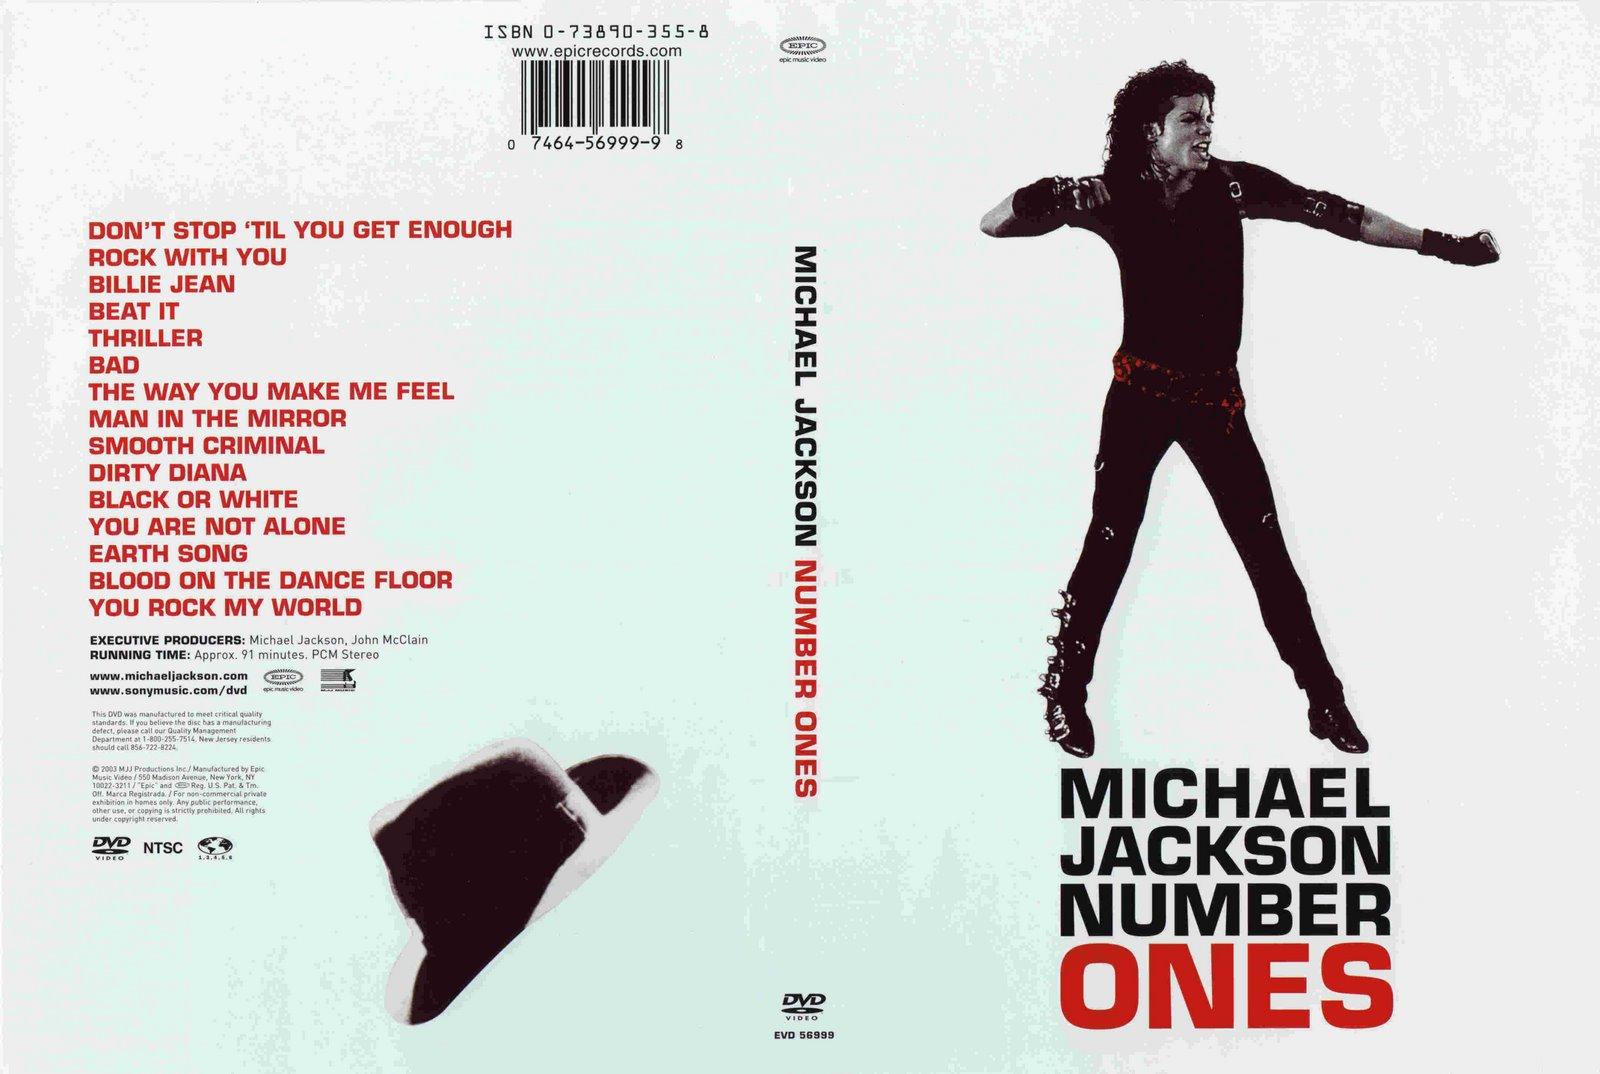 http://2.bp.blogspot.com/_brcl7Spzbn4/TJEfEU3hXpI/AAAAAAAAAnQ/vnW7_0WJXQs/s1600/Michael+Jackson++-+Number+Ones_(2003.jpg